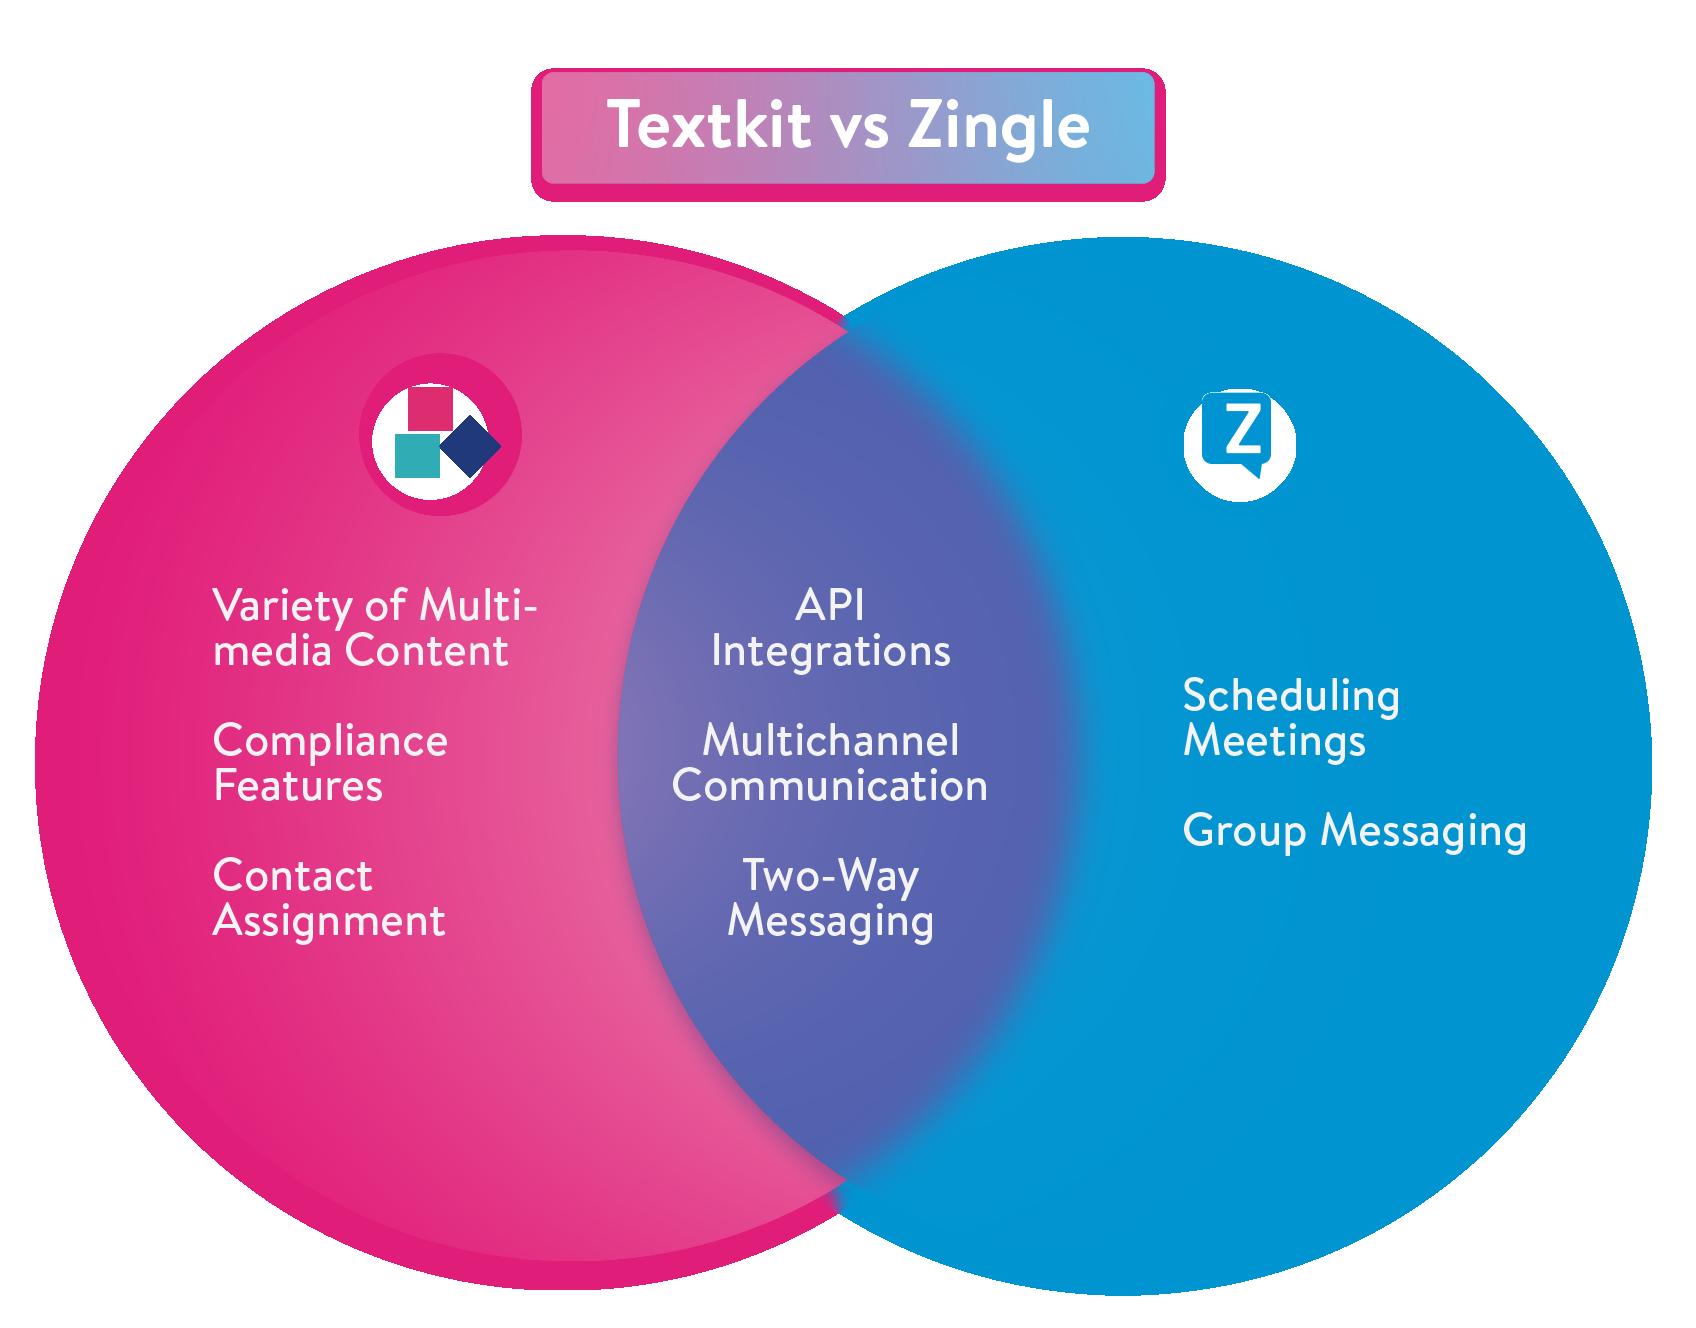 TextKit vs Zingle